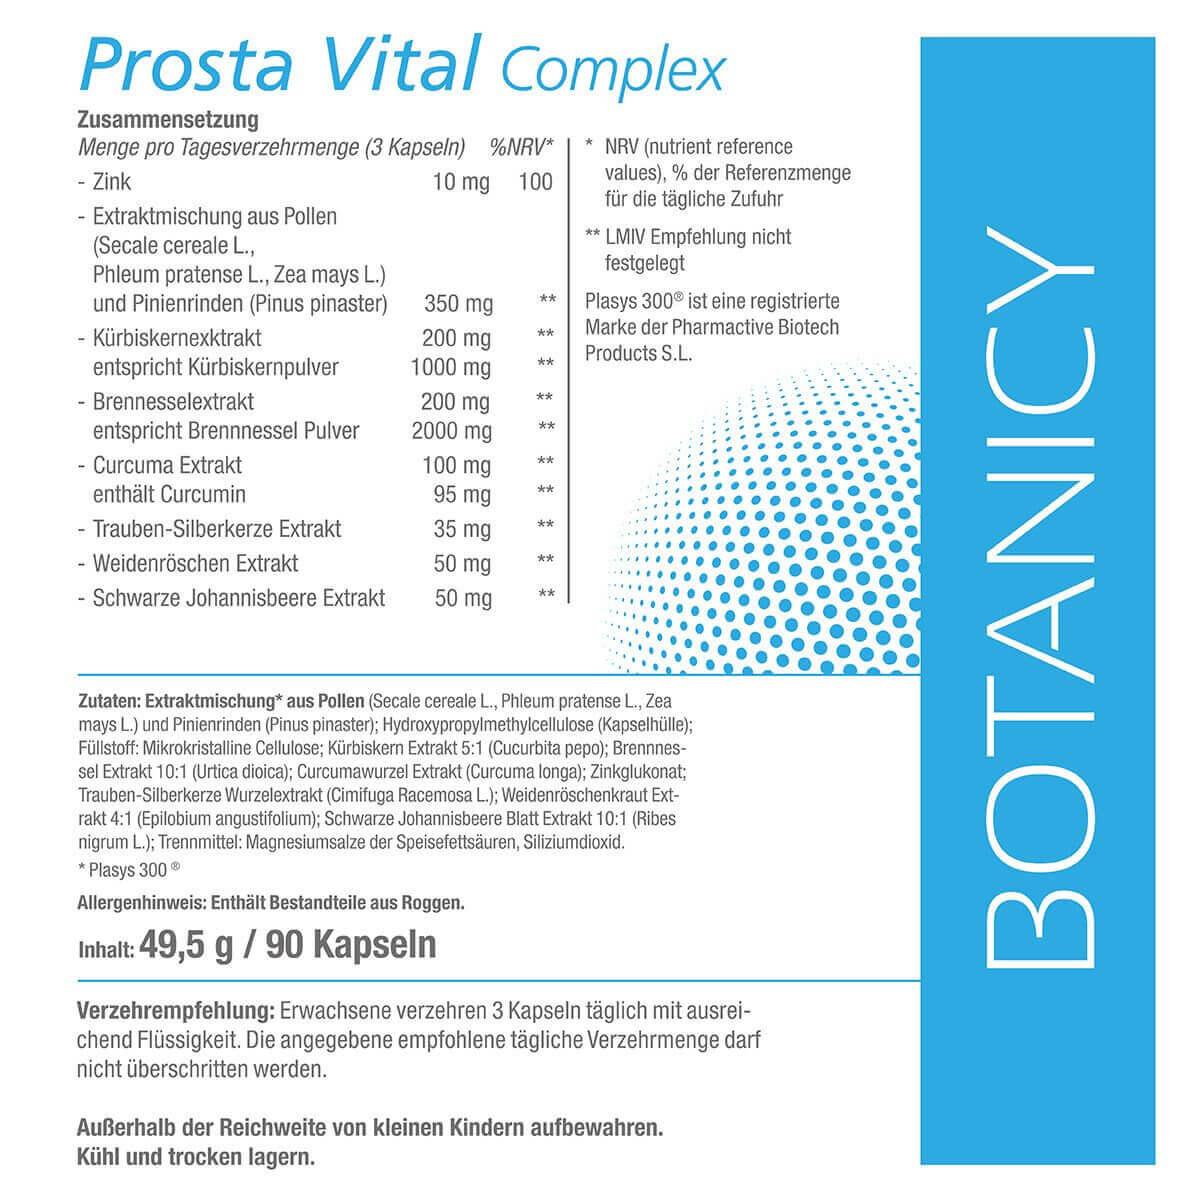 PROSTA VITAL Complex mit Plasys 300